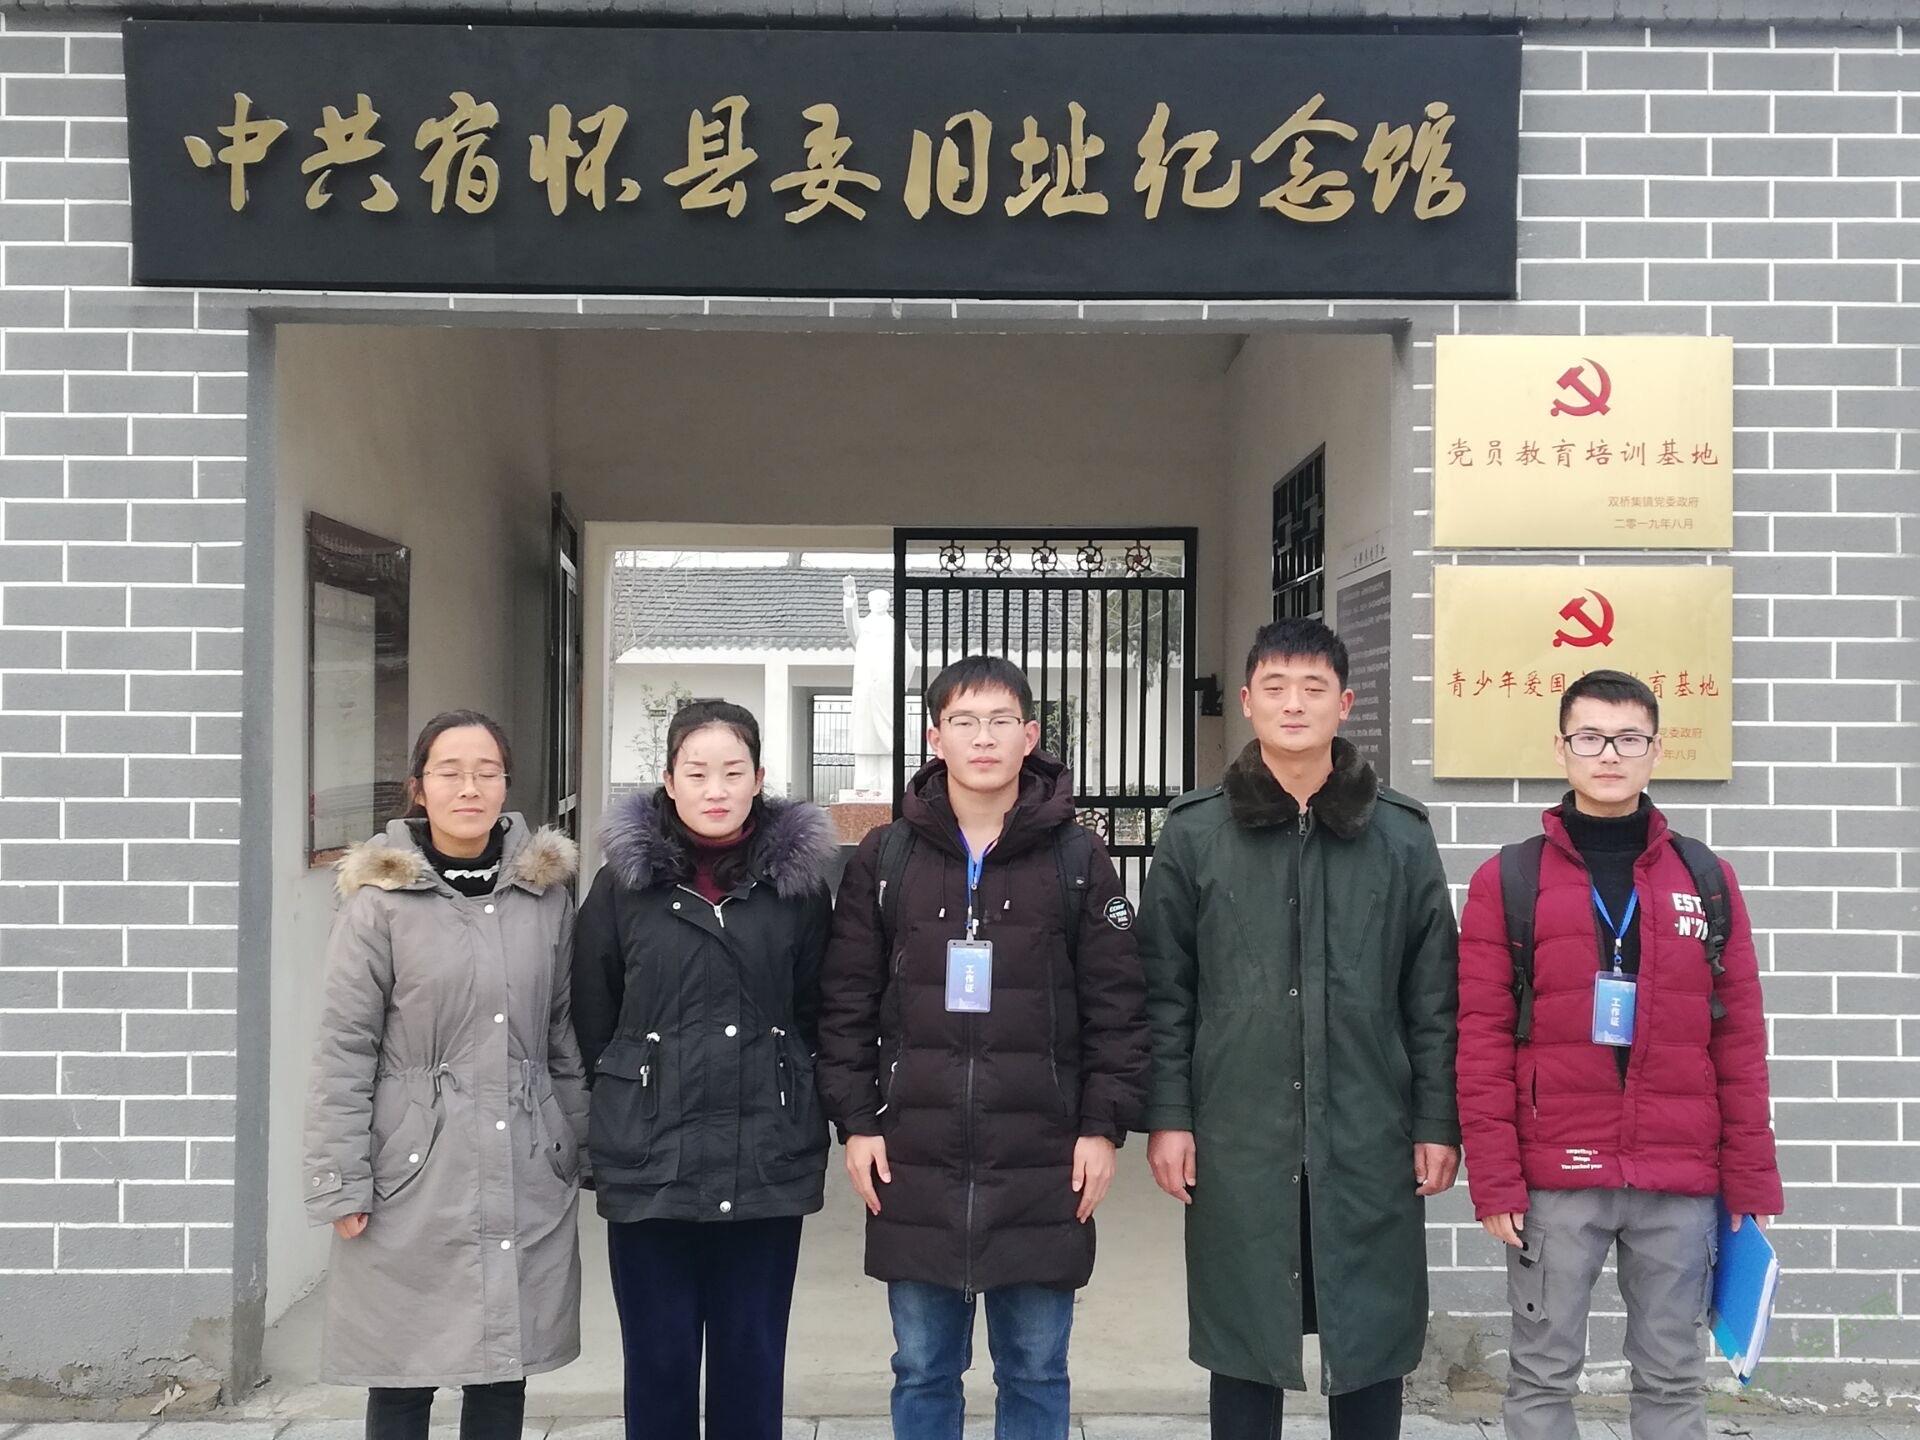 安财学子深入蚌埠市乡镇基层,调研公共文化服务体系建设